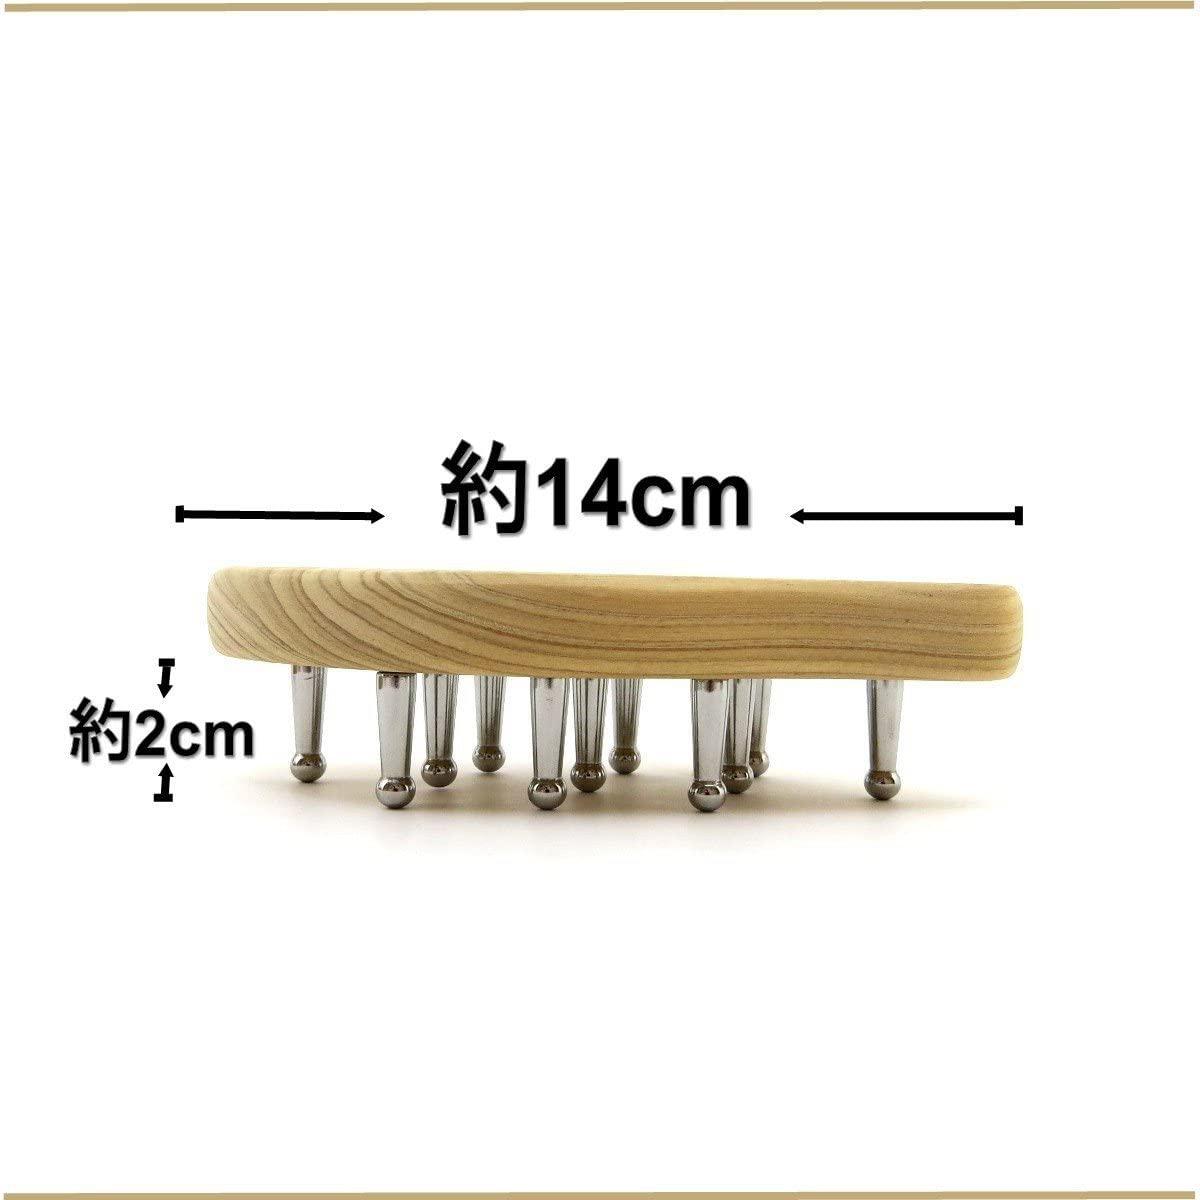 無痕刮莎(ムコンカッサ)かっさ 無痕かっさ板 S型 手づかみタイプの商品画像4